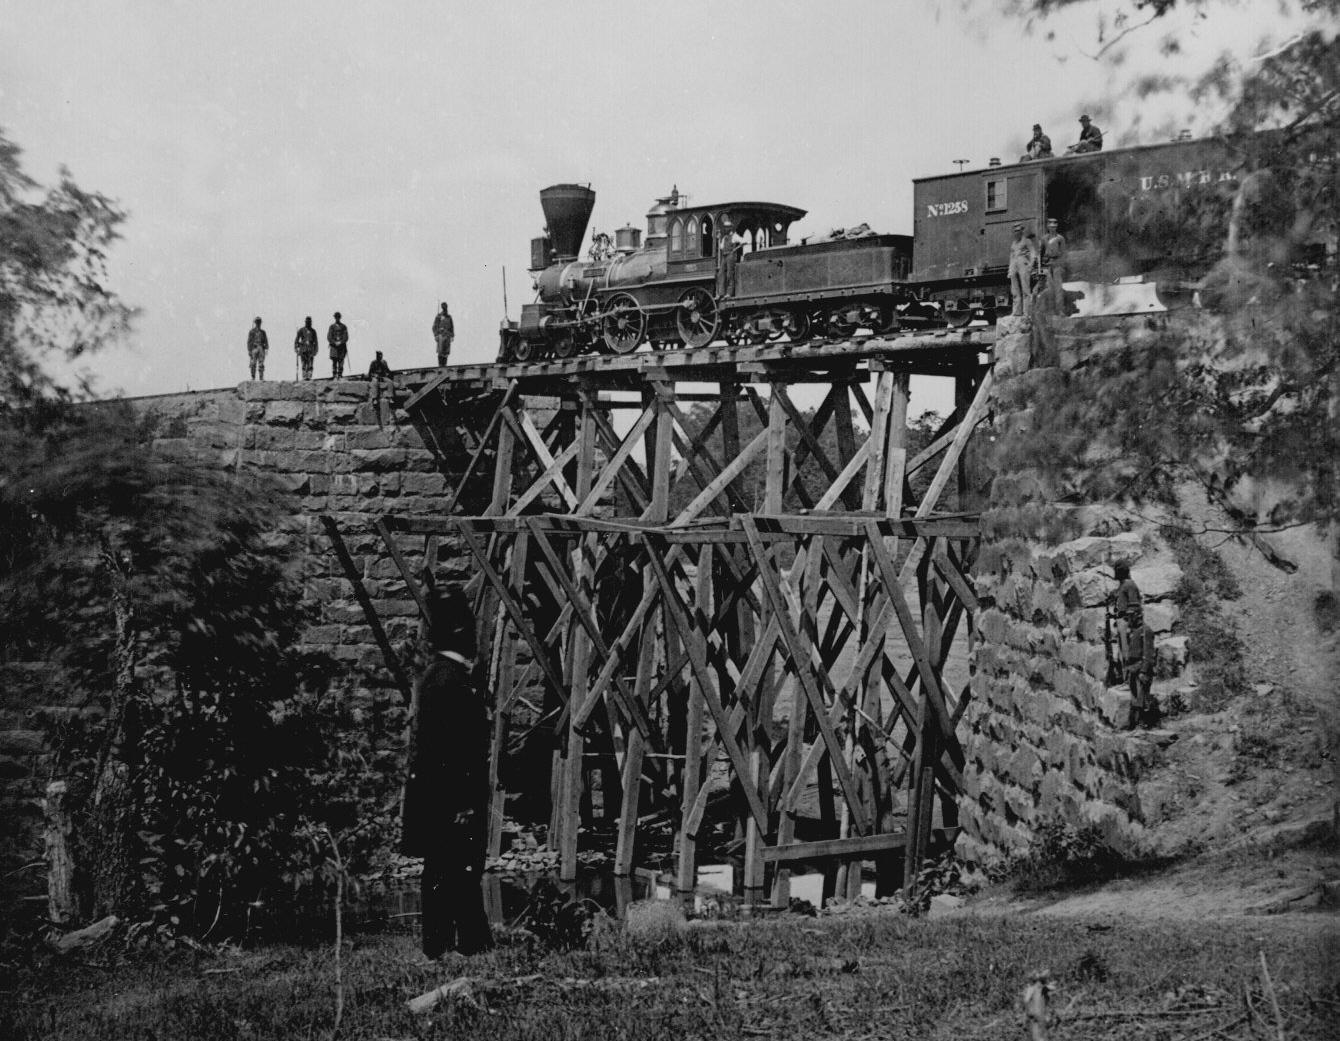 Railroads In The Civil War